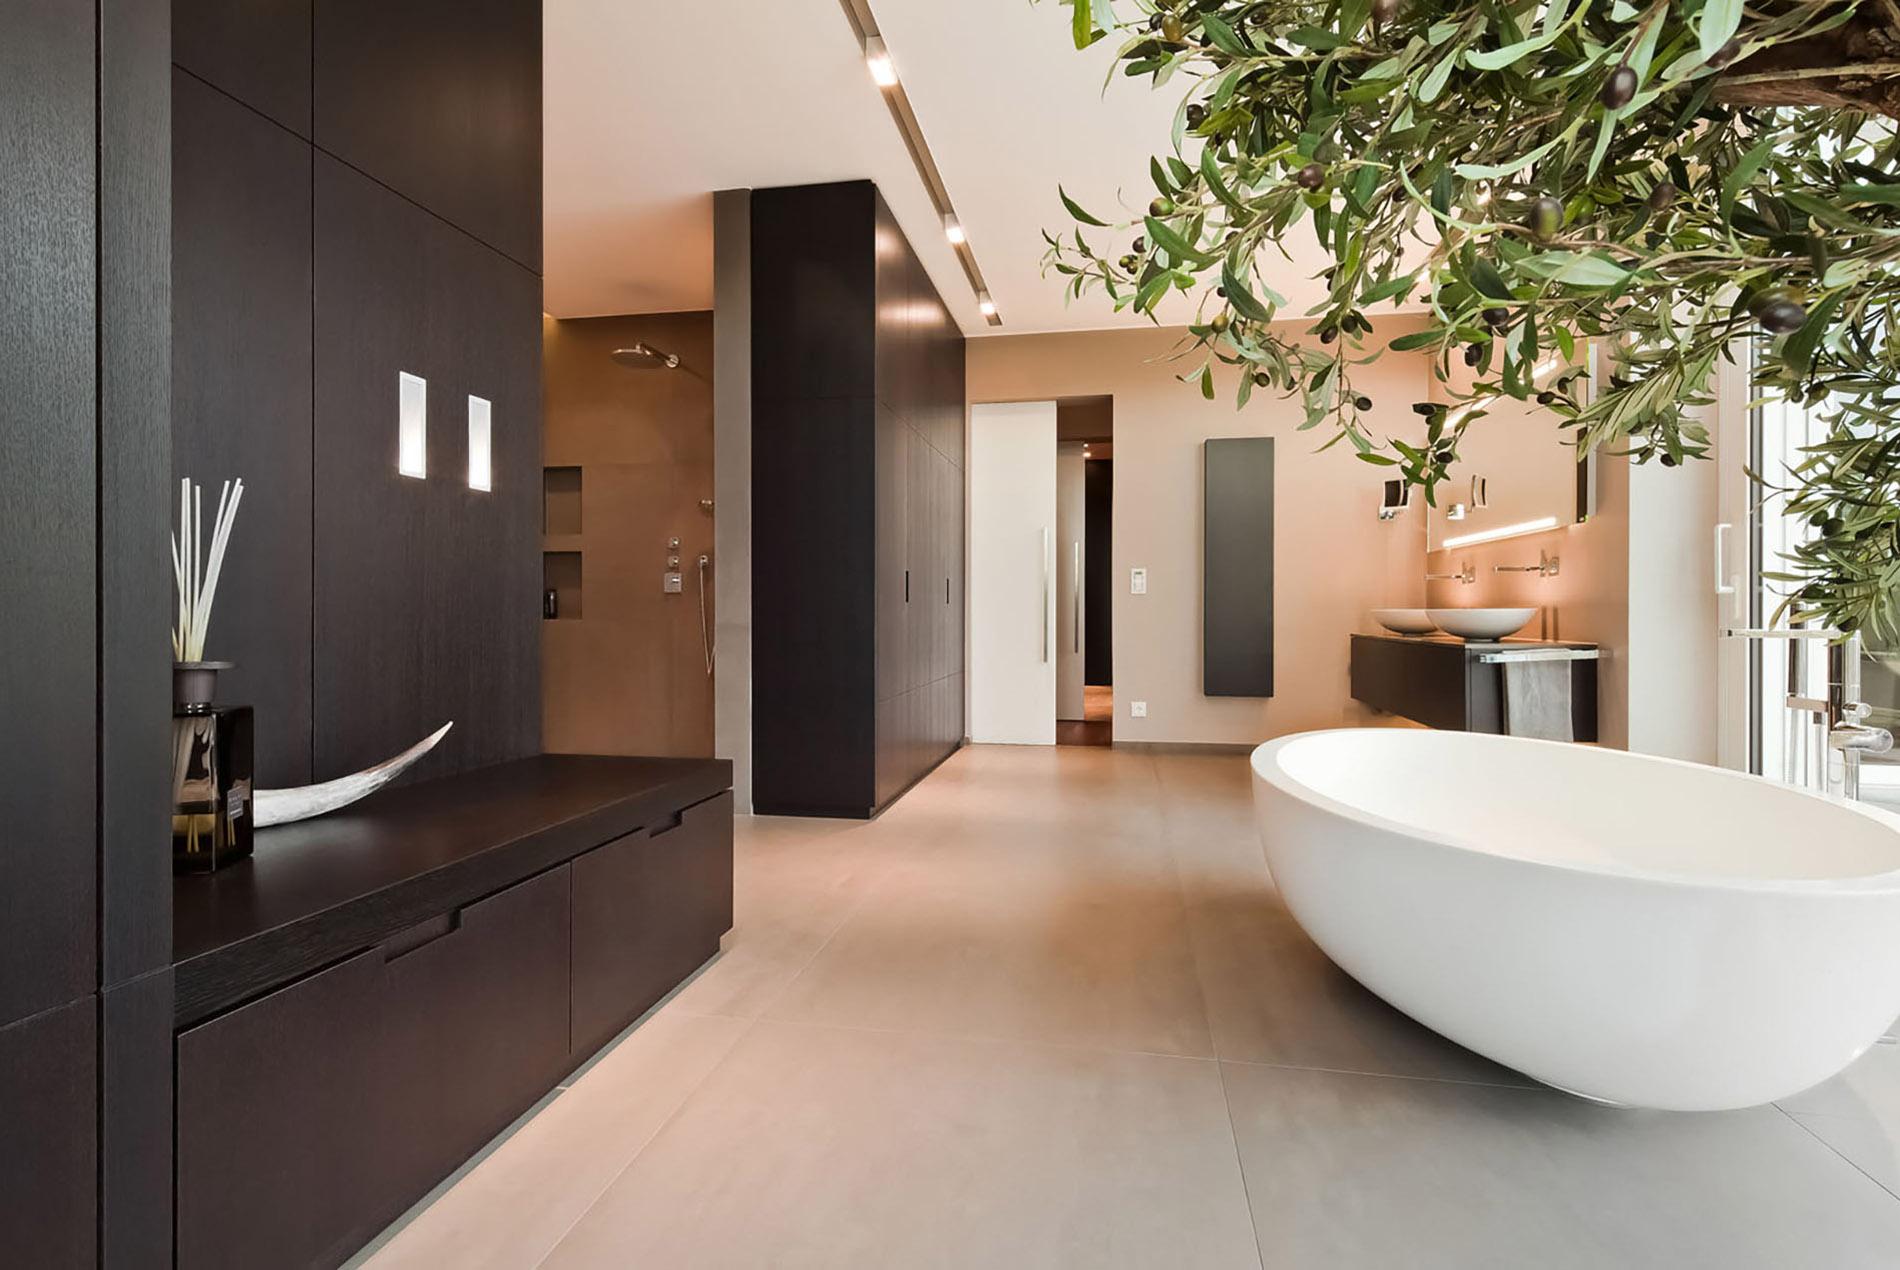 Sauna im Badezimmer mit freistehender Badewanne - Tischlerei ...